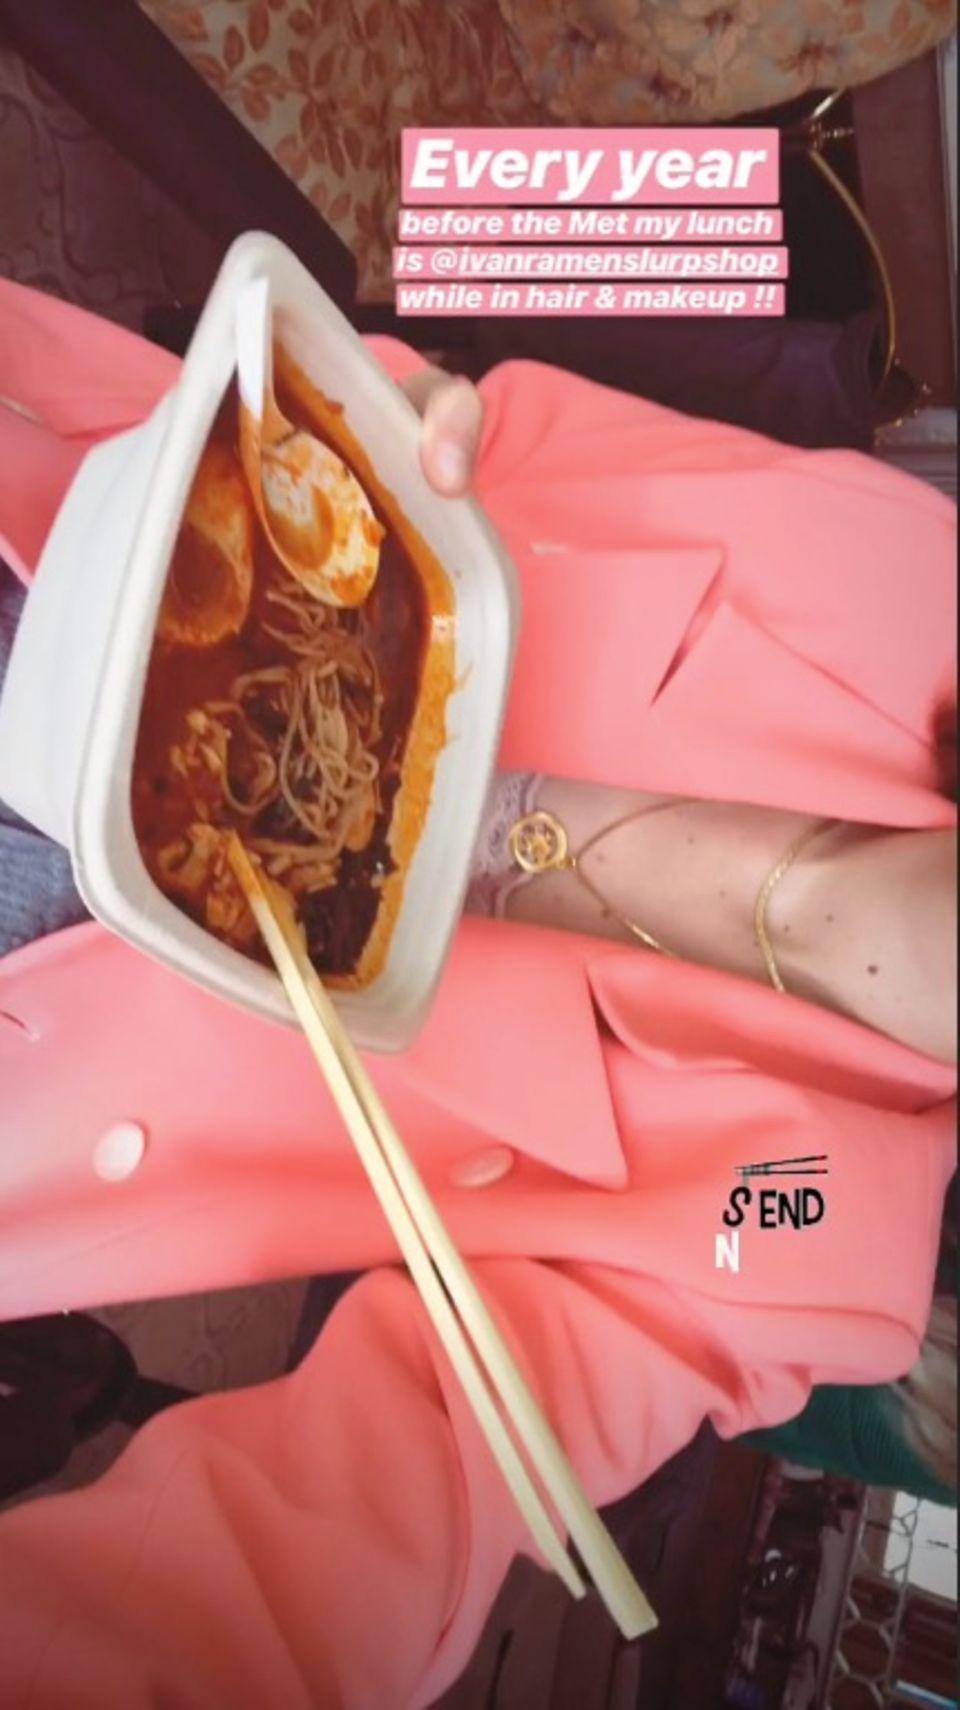 Auf Instagram zeigt Gigi Hadid ihren Fans ihr traditionelles Mittagessen vor jeder Met Gala.